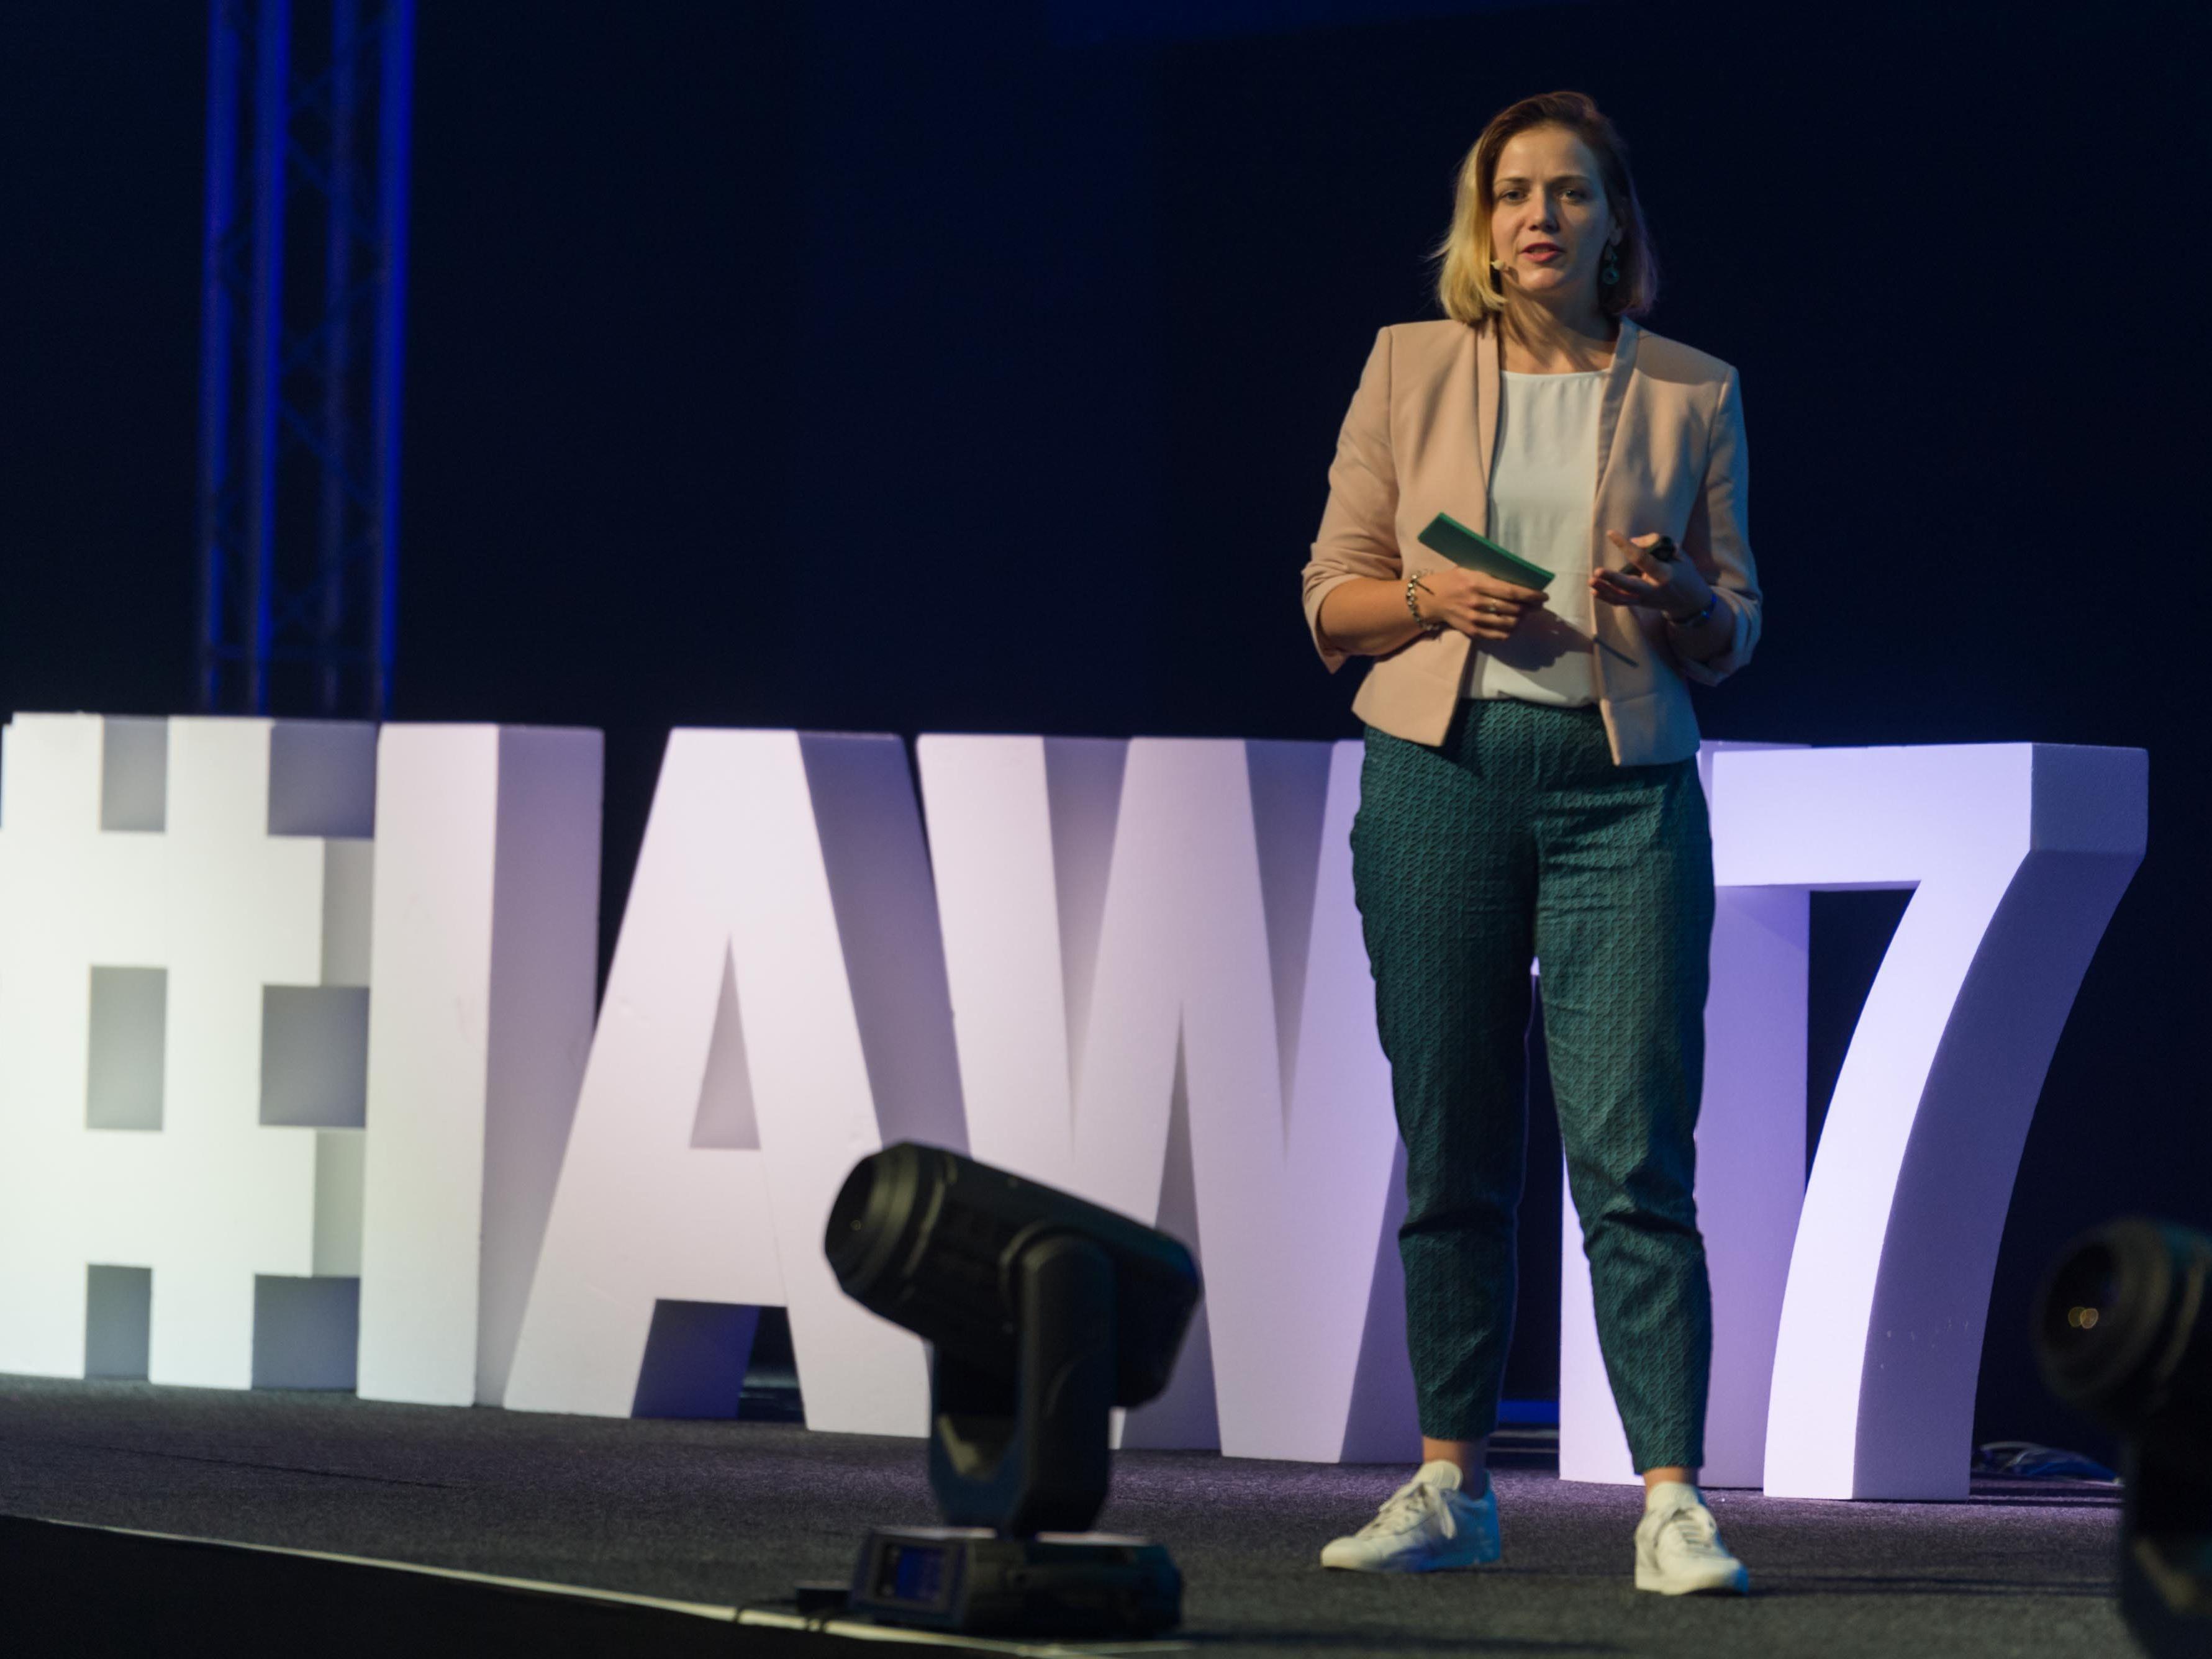 Die IAW 2017 wurde der neuen Location mehr als gerecht und ein voller Erfolg.